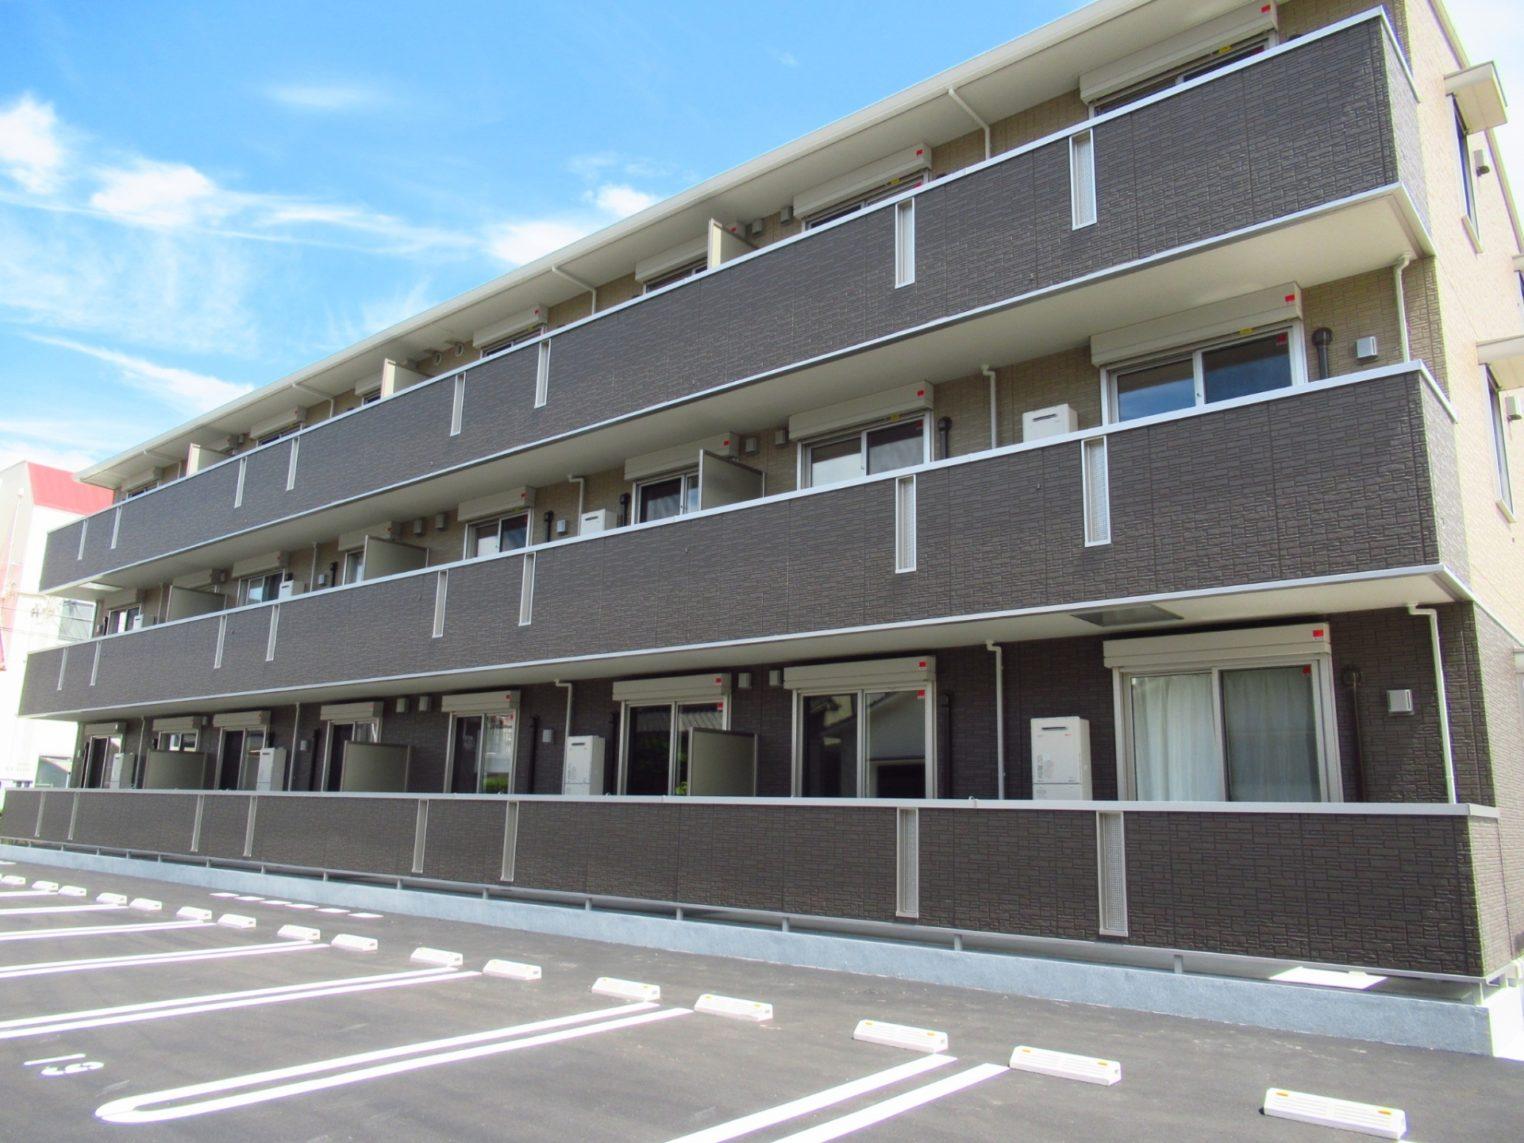 マンションに定期借地に駐車場 土地の固定資産税を抑える方法を解説!